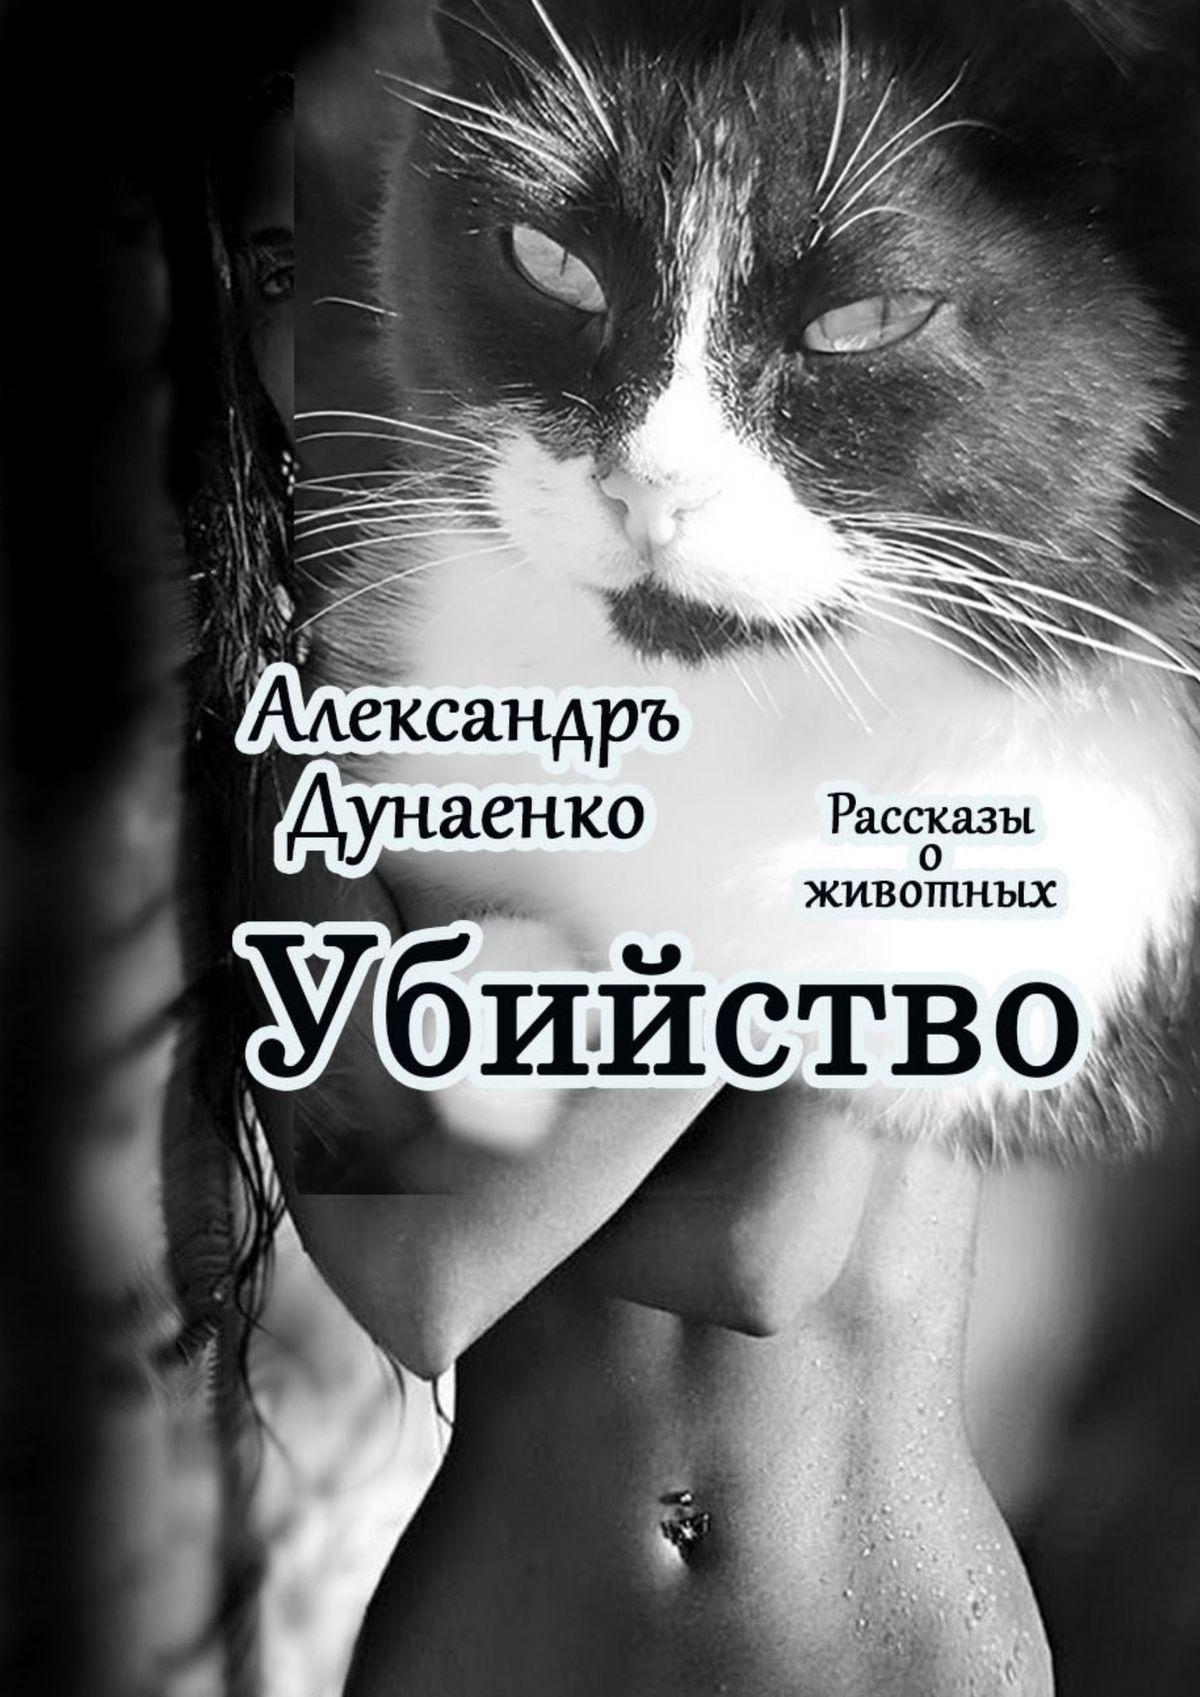 Александръ Дунаенко Убийство. Рассказы оживотных цены